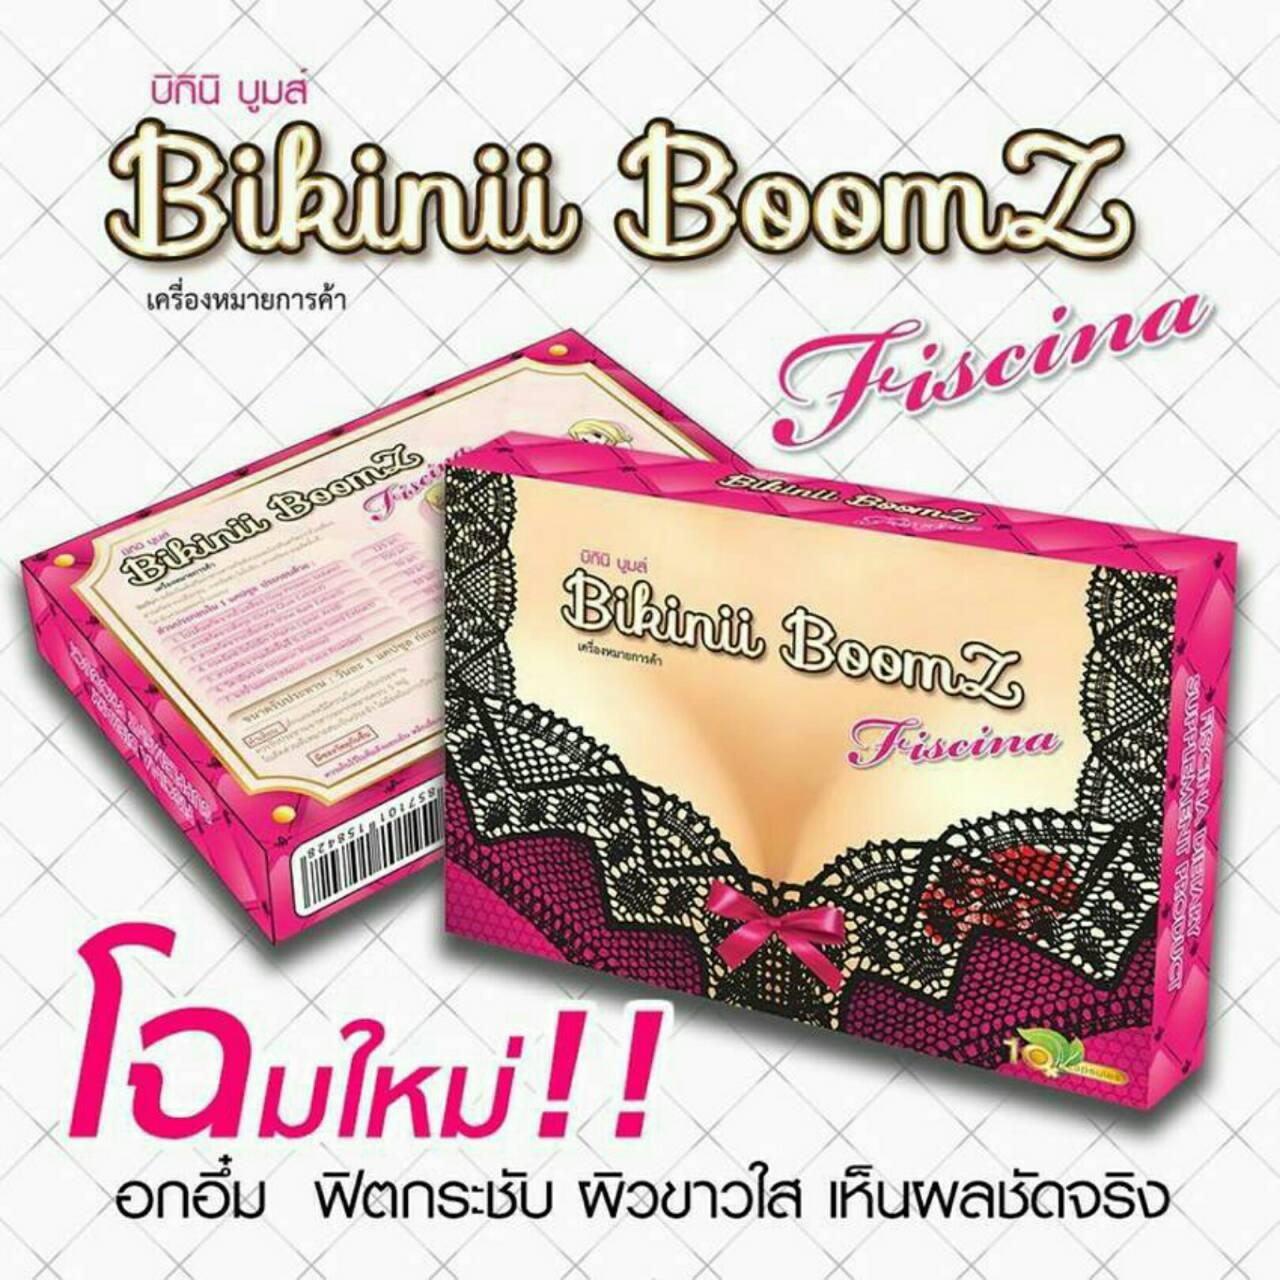 Bikinii BoomZ อกตู้ม อกขาว อกเด้ง